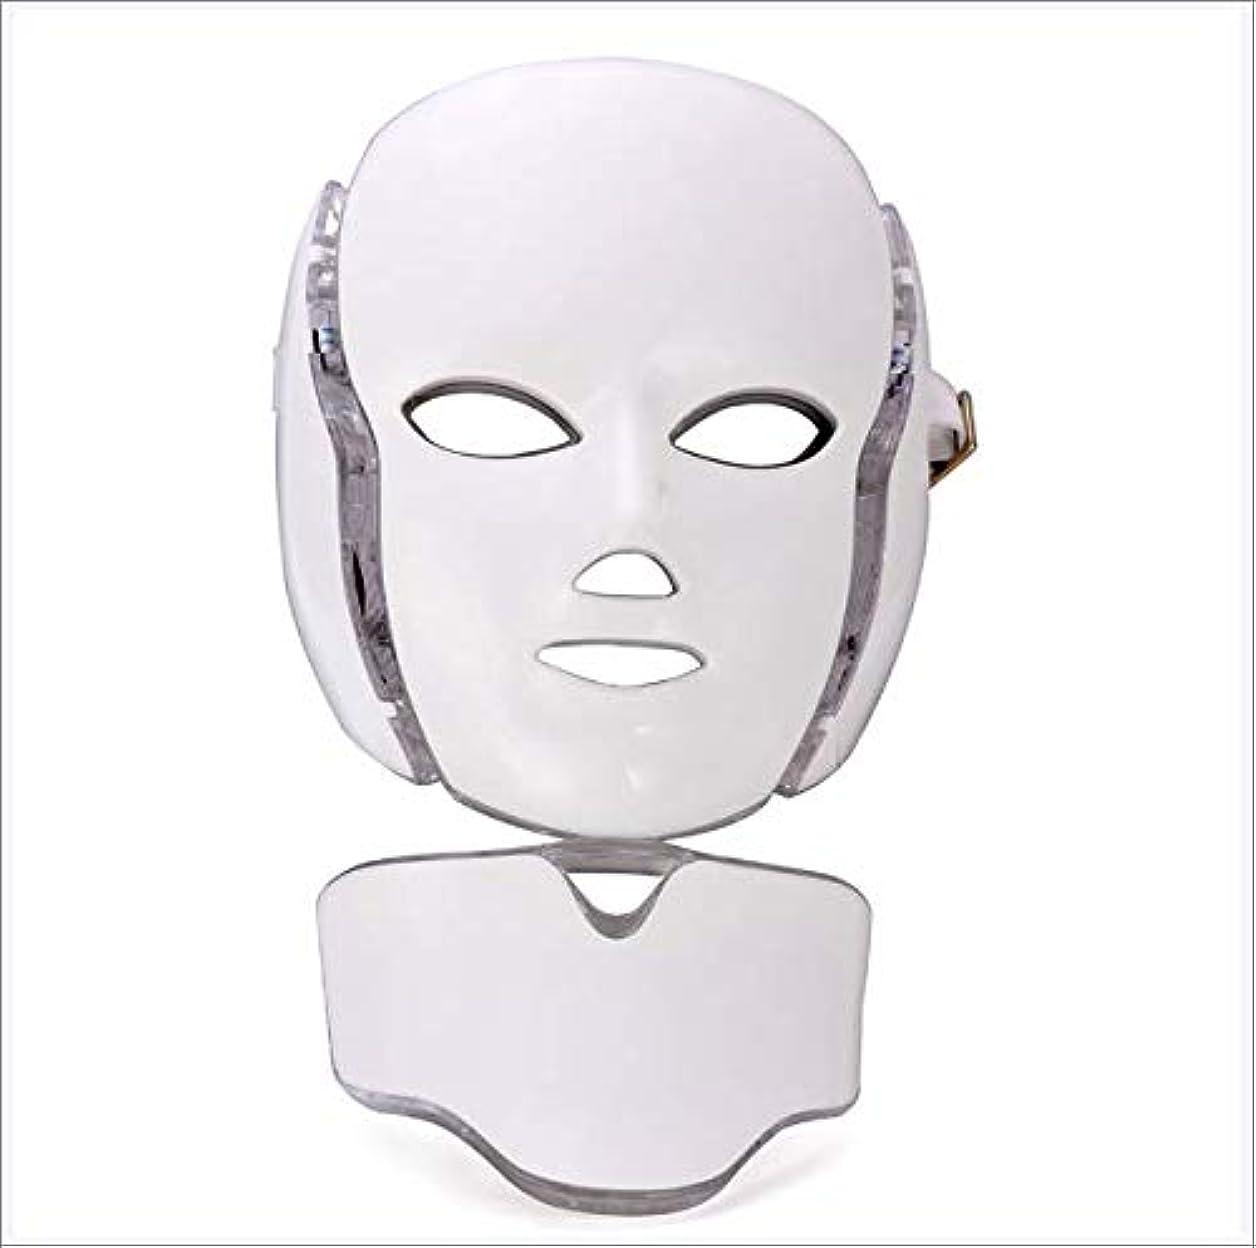 市町村難民こしょうLEDフェイスマスク7色光療法マスクコラーゲン、LED光線療法美容器具、首カバースーツ付き皮膚締め付け器具